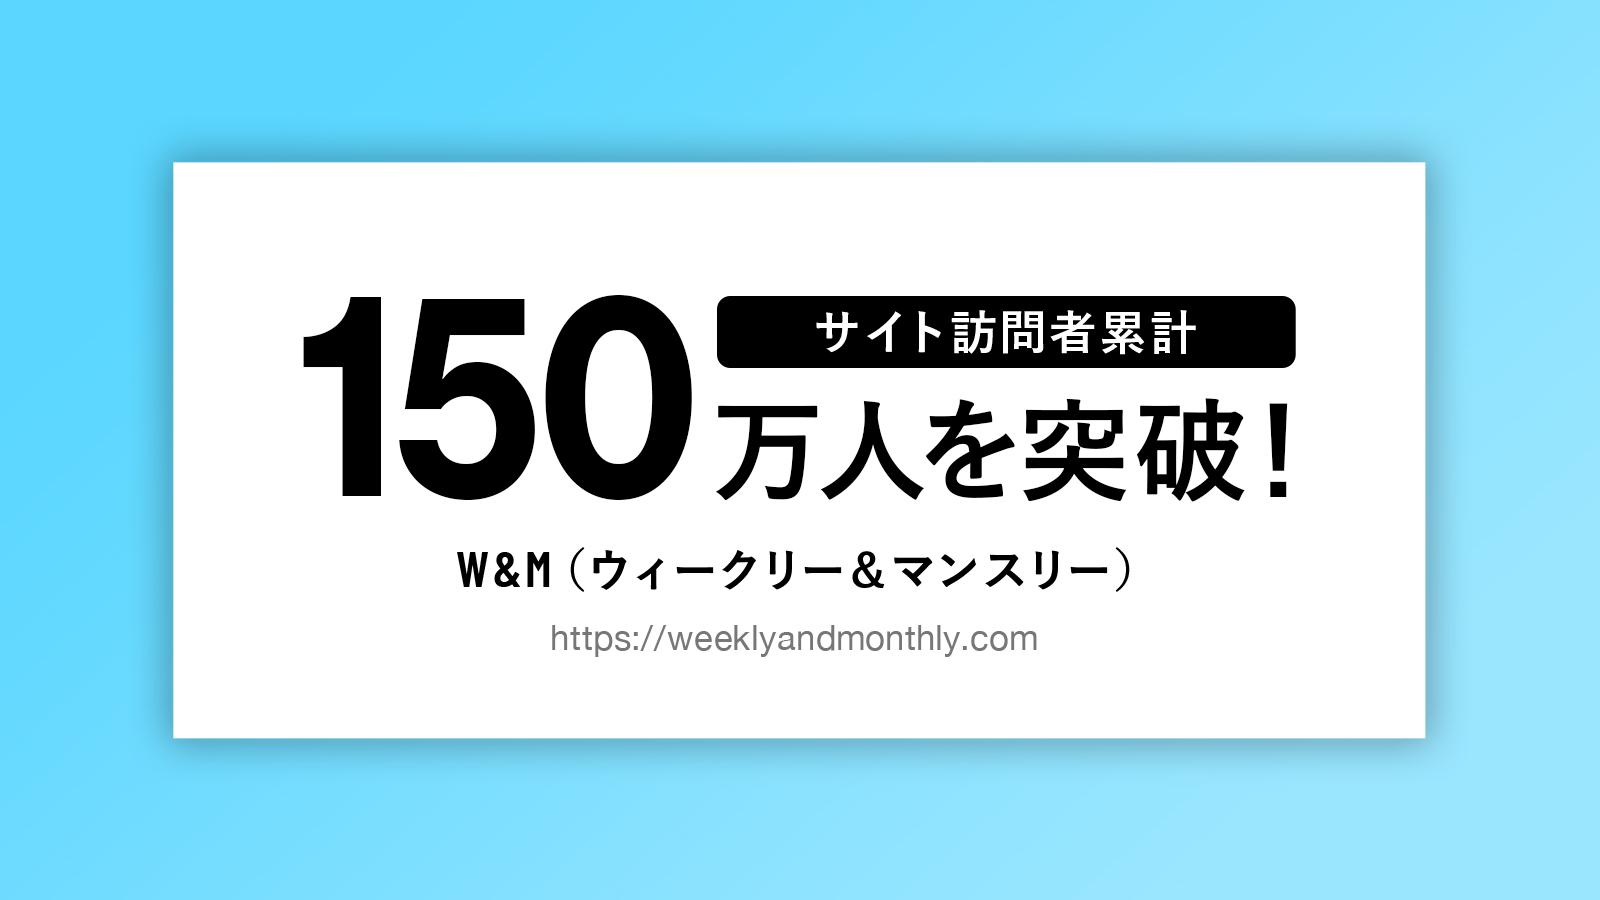 【PR】W&M(ウィークリー &マンスリー) サイト訪問者累計150万人を突破!